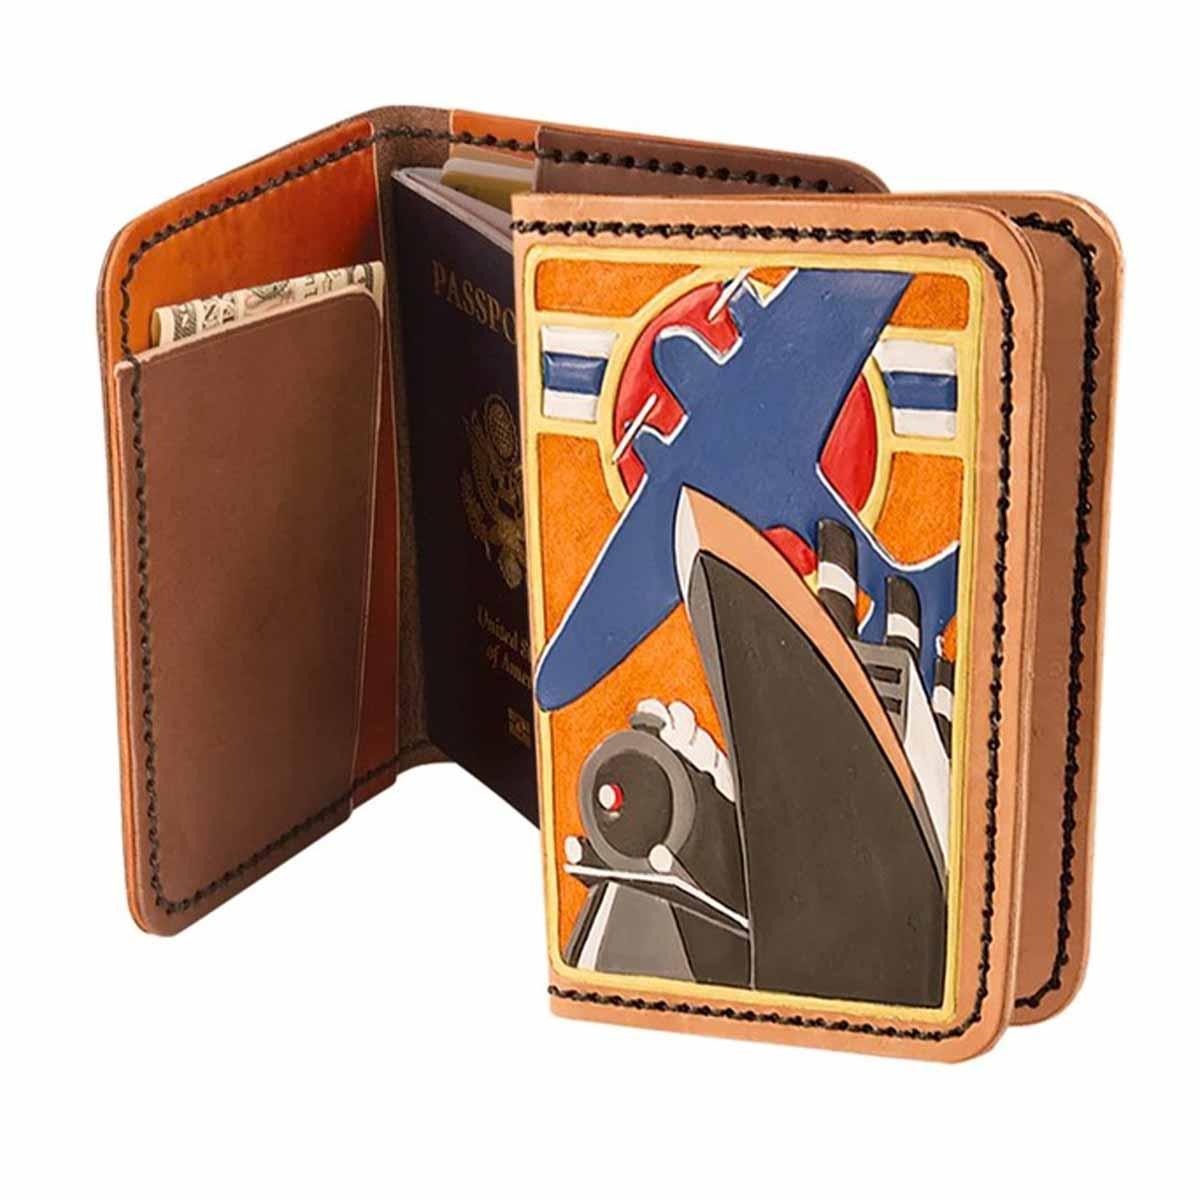 Kit pour étui de passeport en cuir - 4052